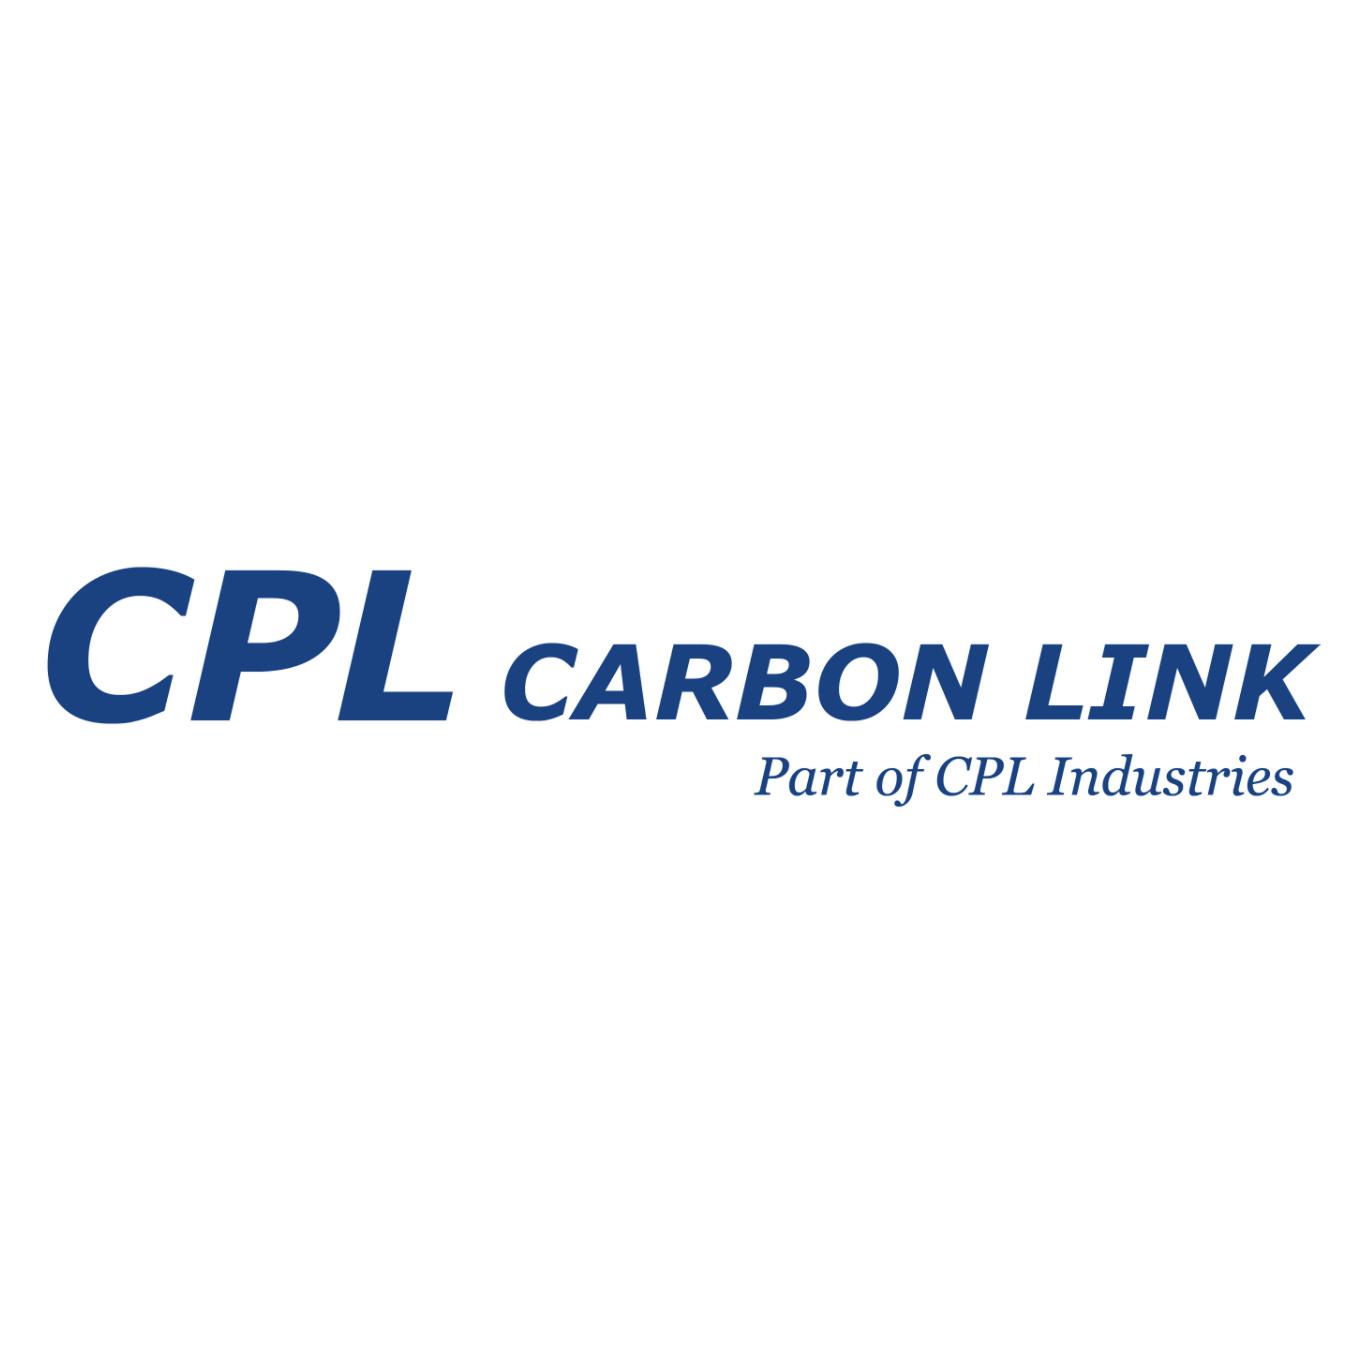 CPL Carbon Link